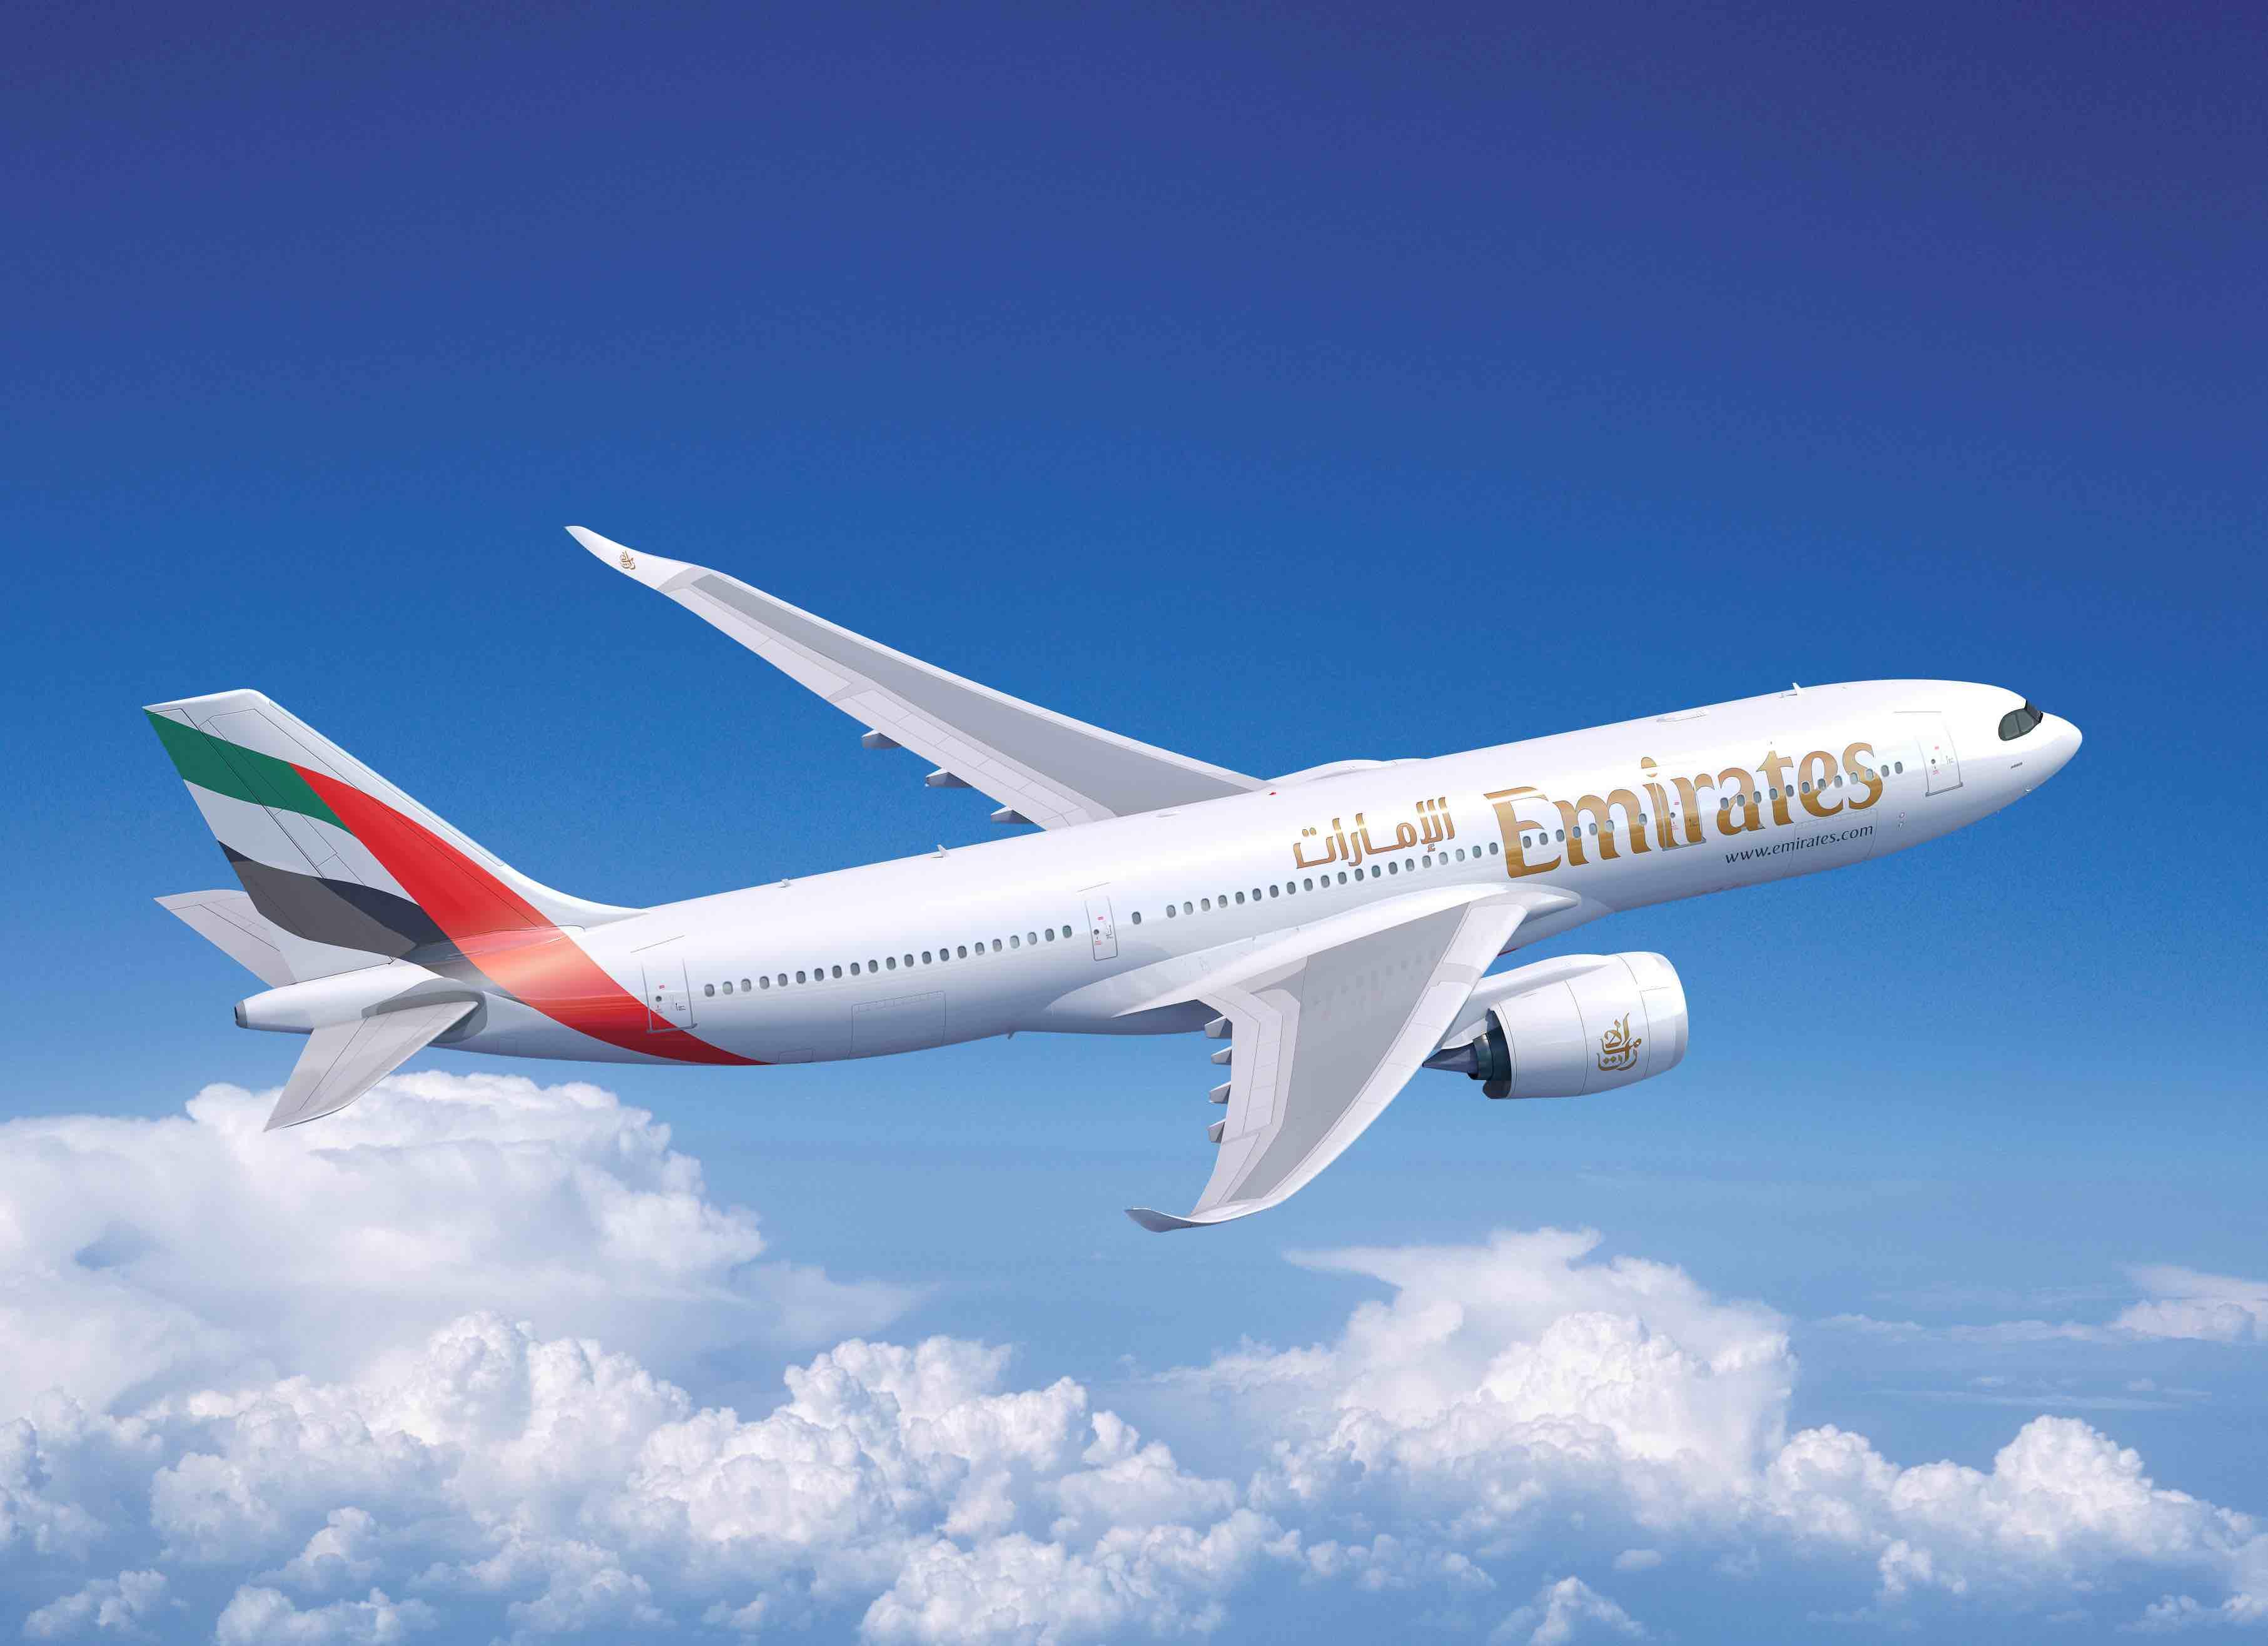 Emirates sigue sumando aviones a su flota con  40 Airbus A330-900s y 30 Airbus A350-900s